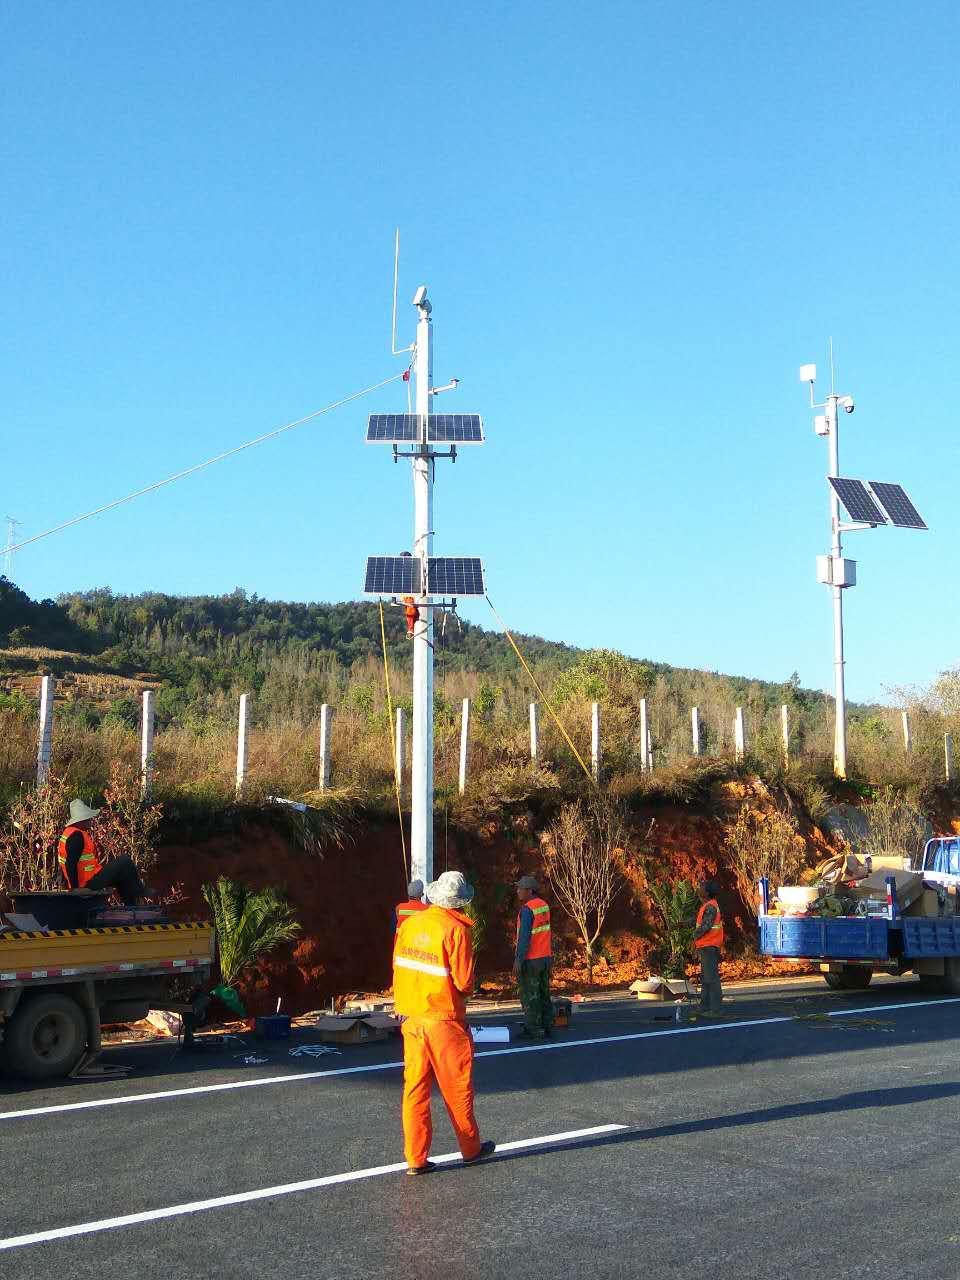 【监控类】云岭小龙高速太阳能监控供电项目